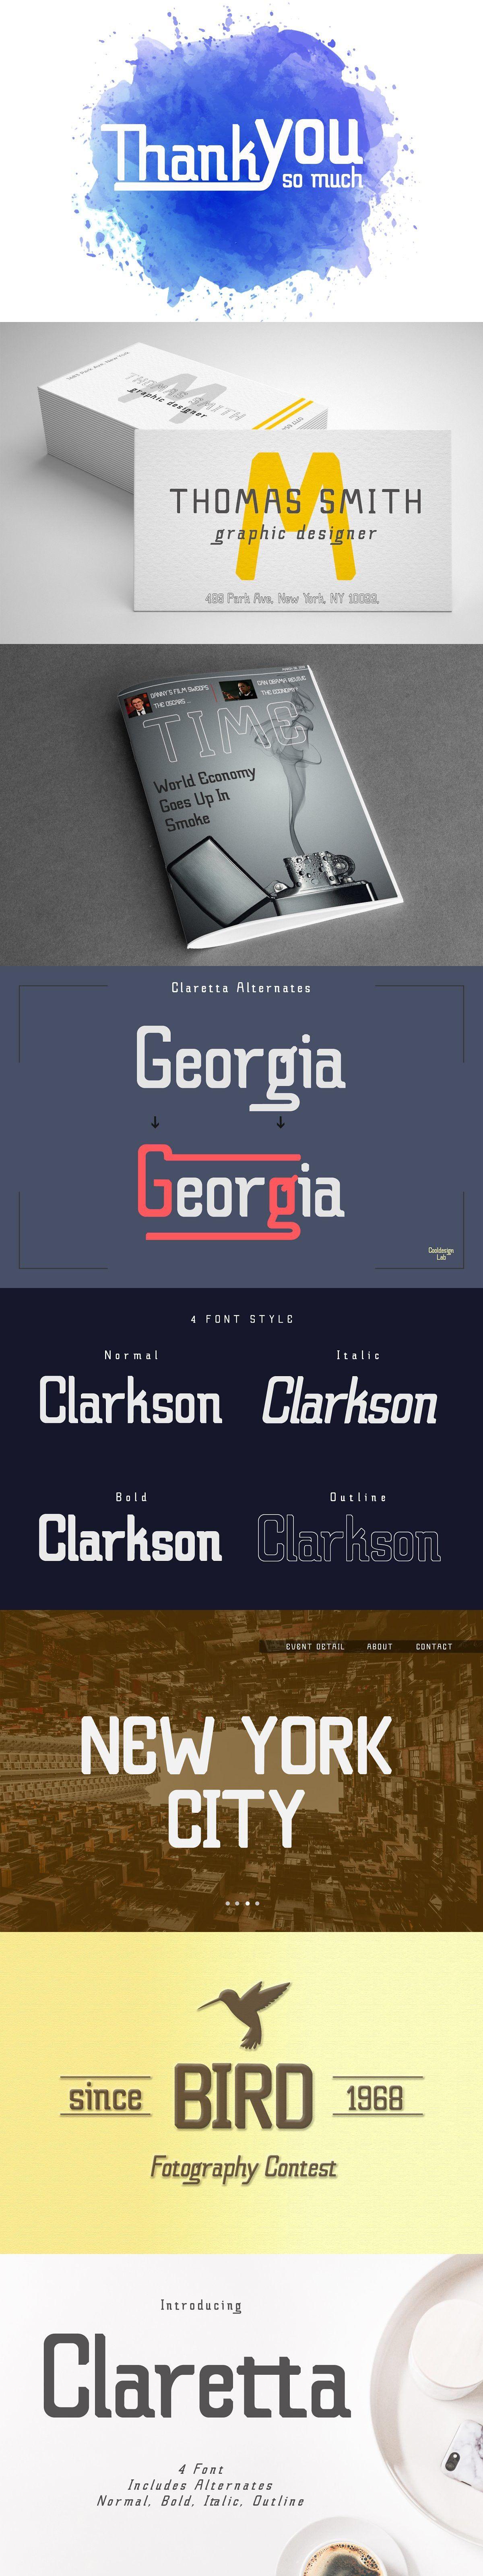 Claretta Font Family Web Graphic Design Font Family Futuristic Design